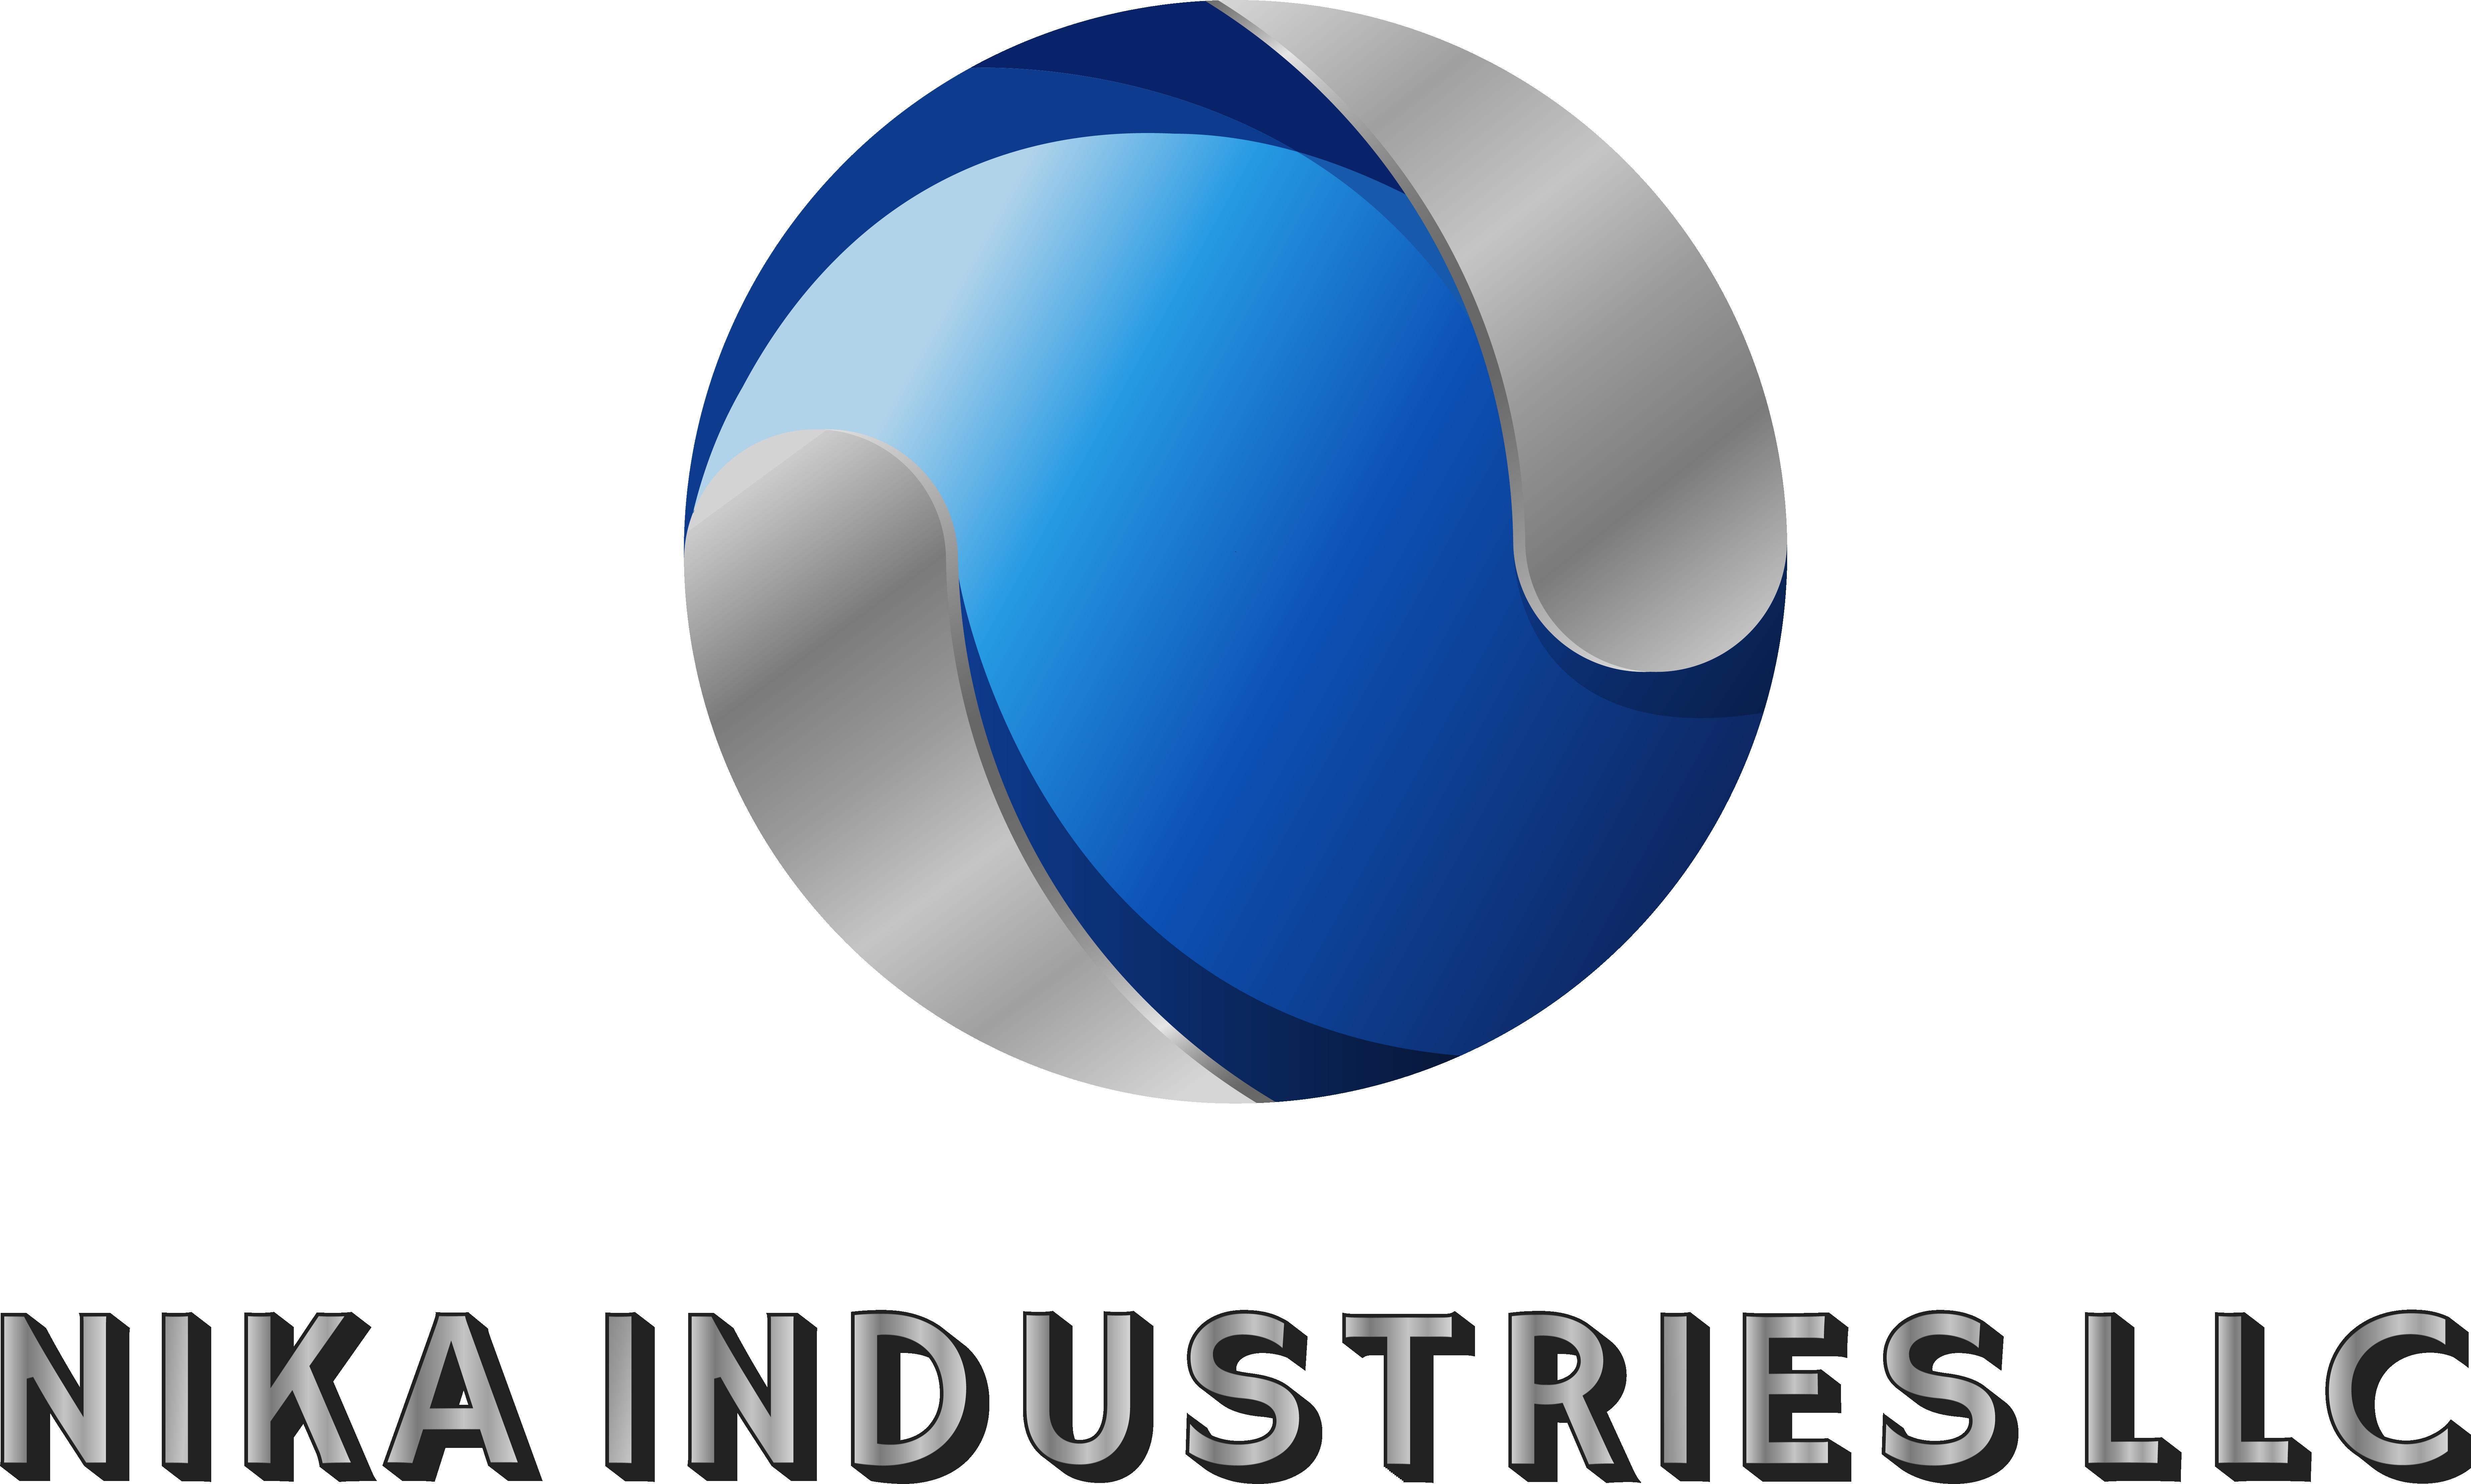 NIKA INDUSTRIES LLC